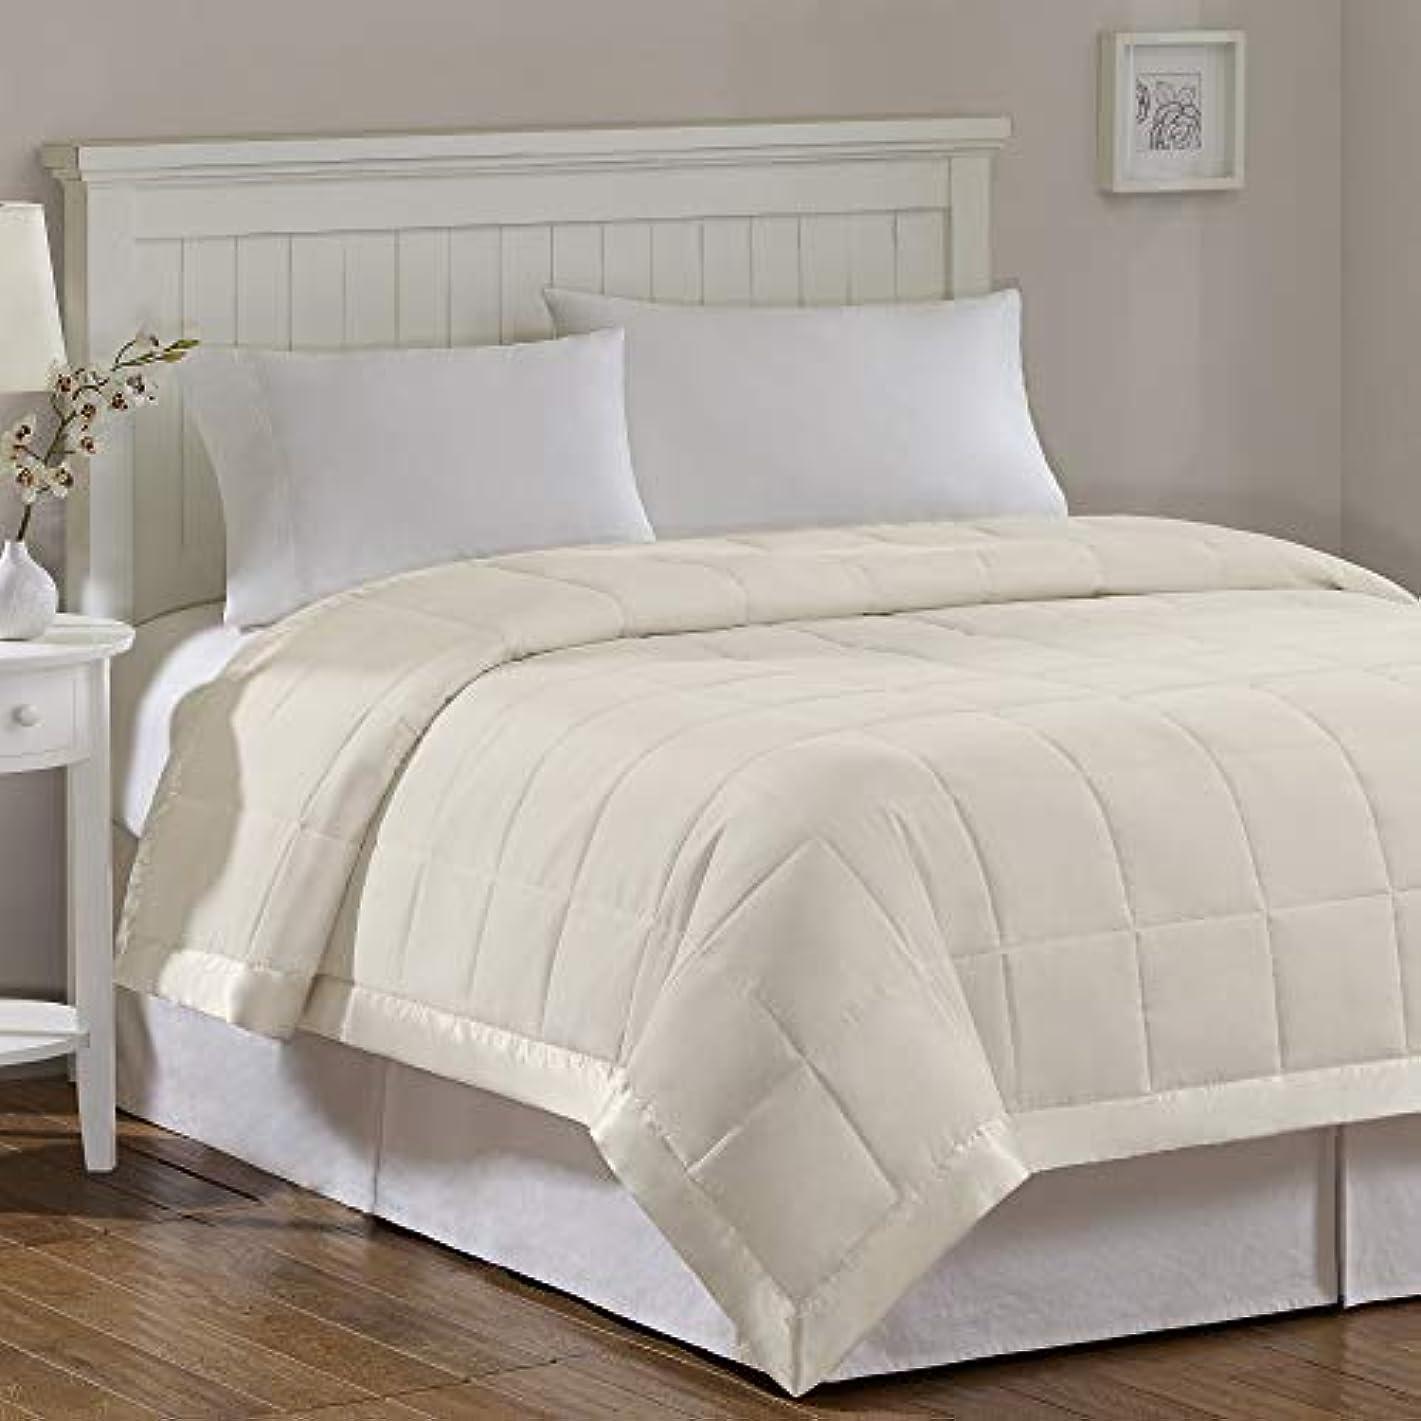 Madison Park Windom Microfiber Down Alternative Stain Resistant Blanket, Full/Queen, Ivory